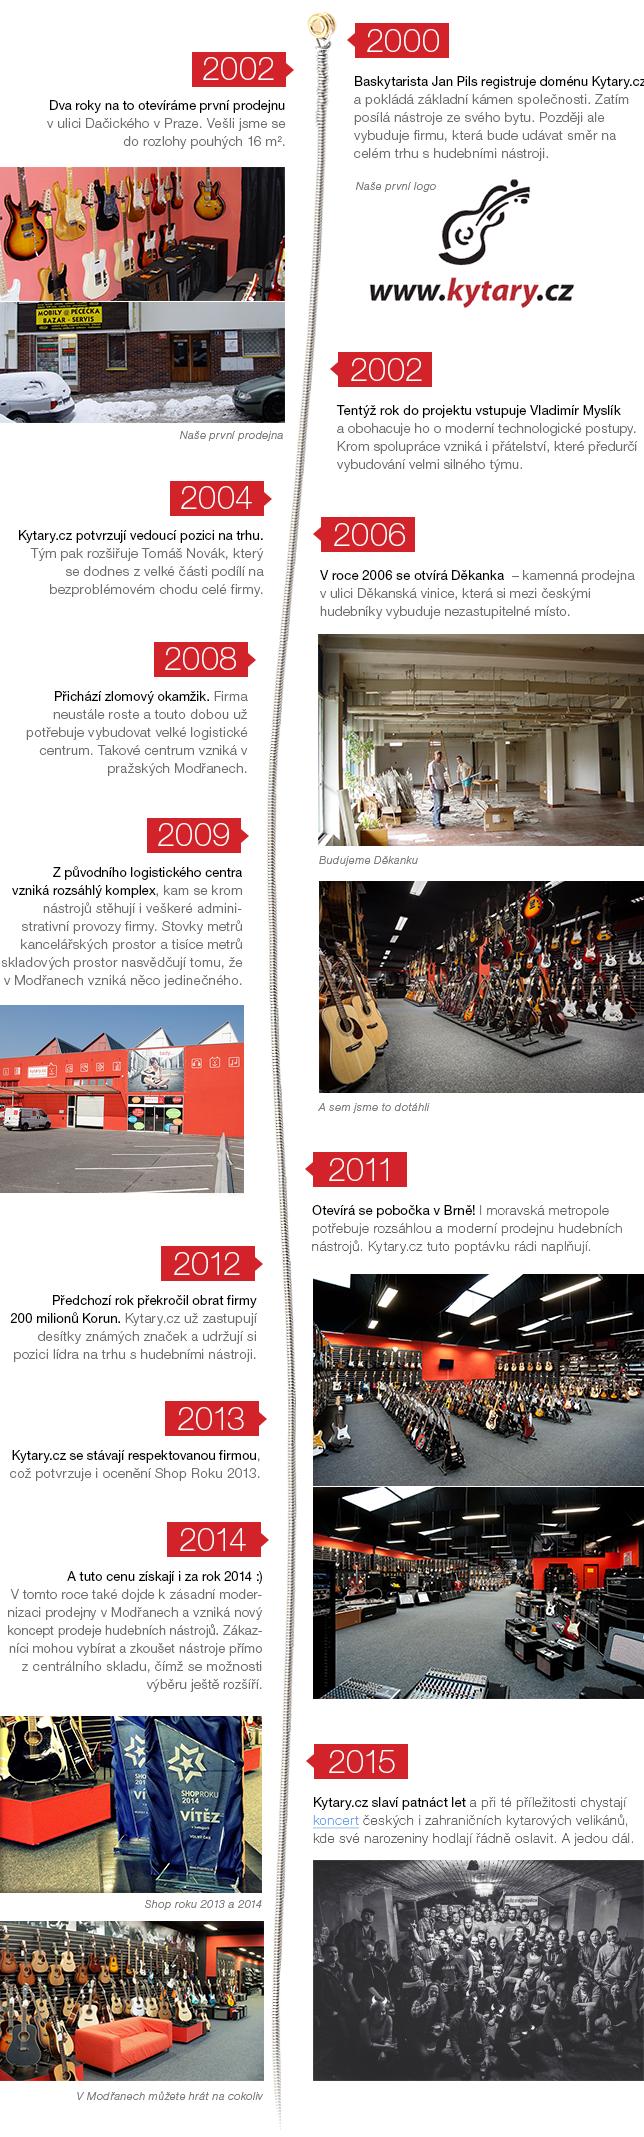 Historie firmy Kytary.cz